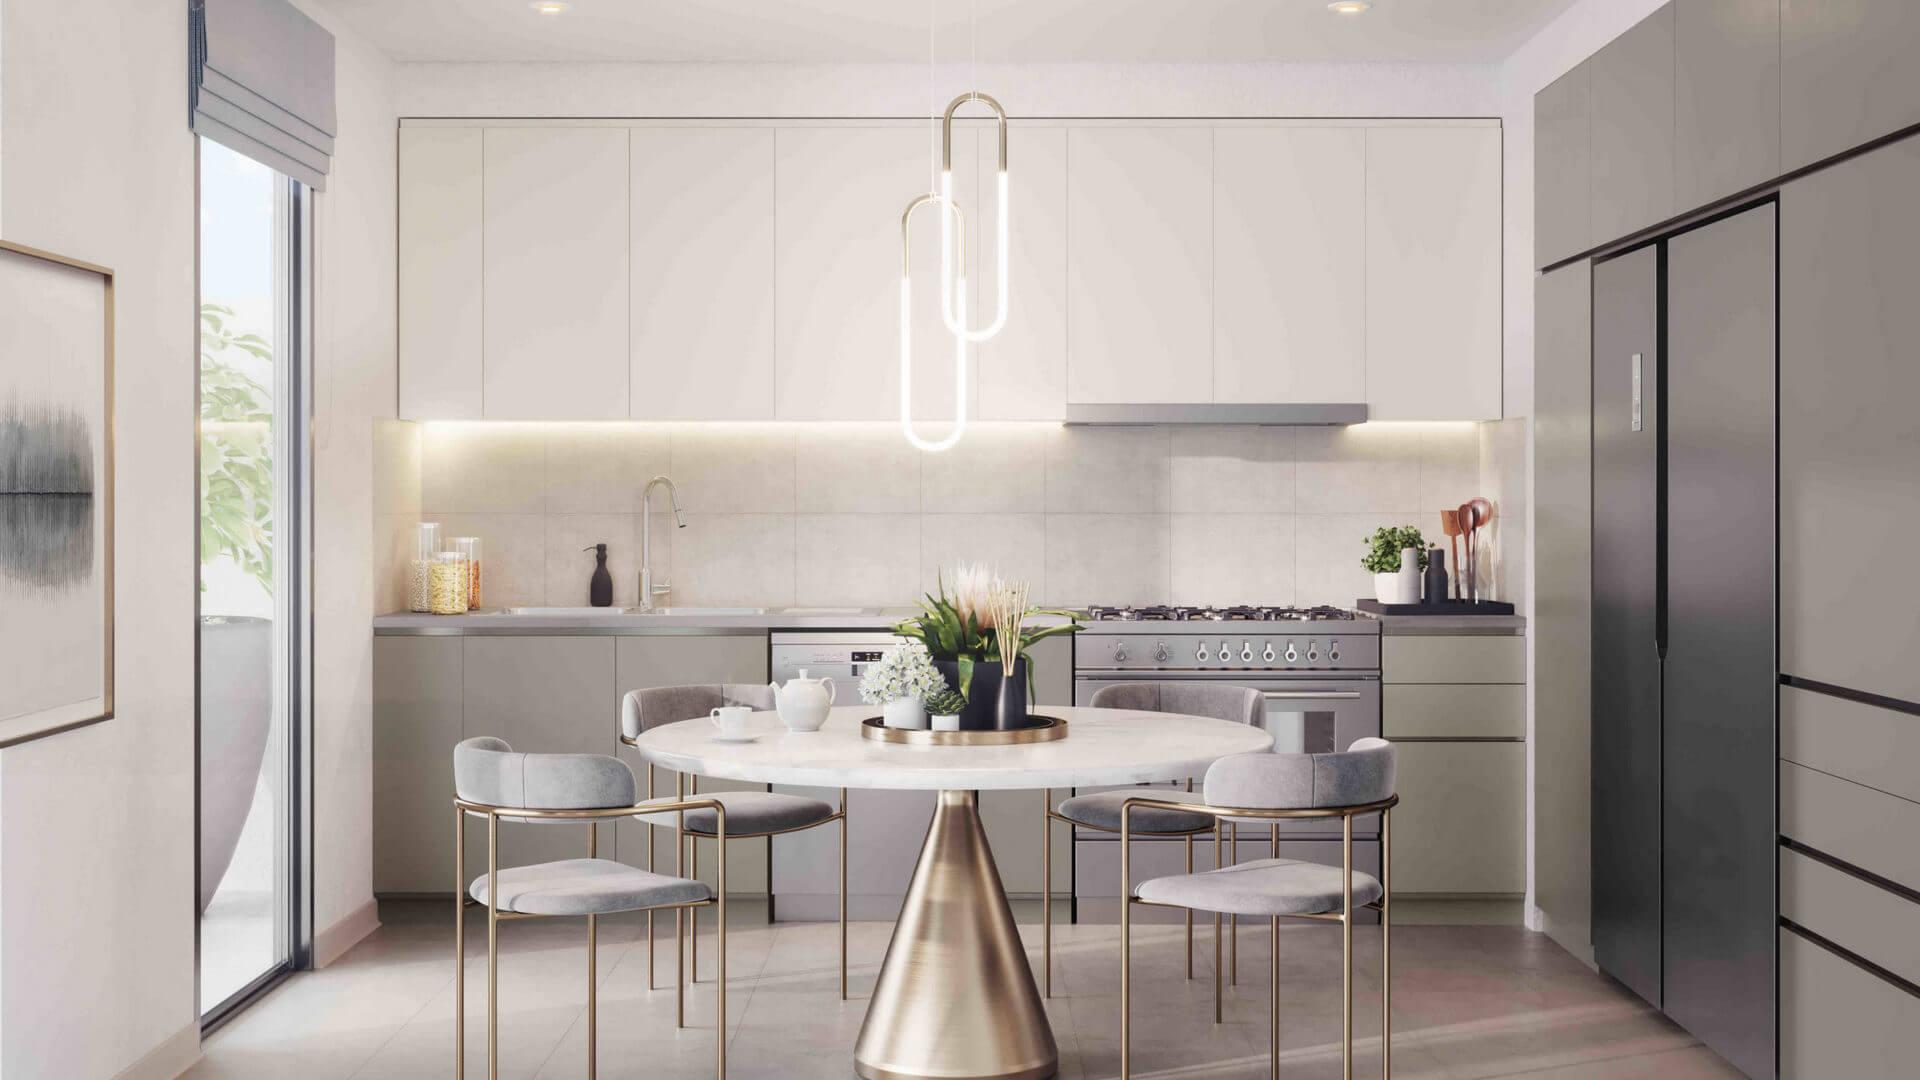 Villa en venta en Dubai, EAU, 3 dormitorios, 175 m2, № 24048 – foto 1